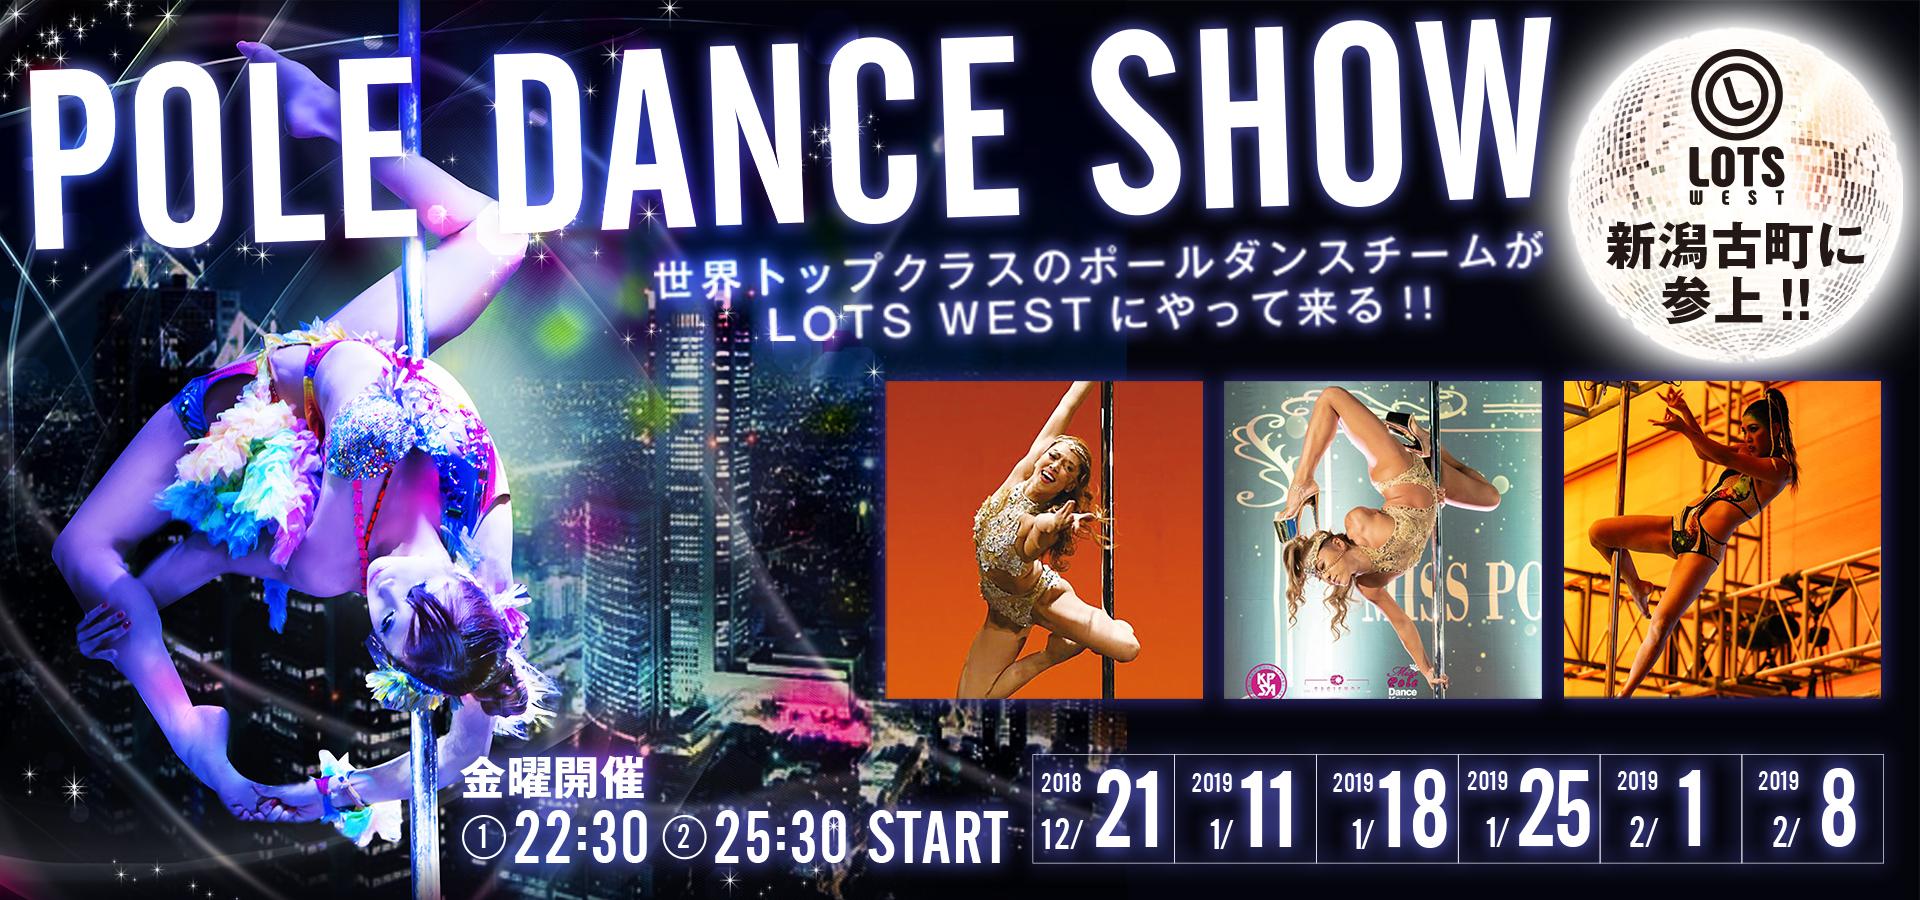 POLE DANCE SHOW~世界トップクラスのダンサーがやってくる!~